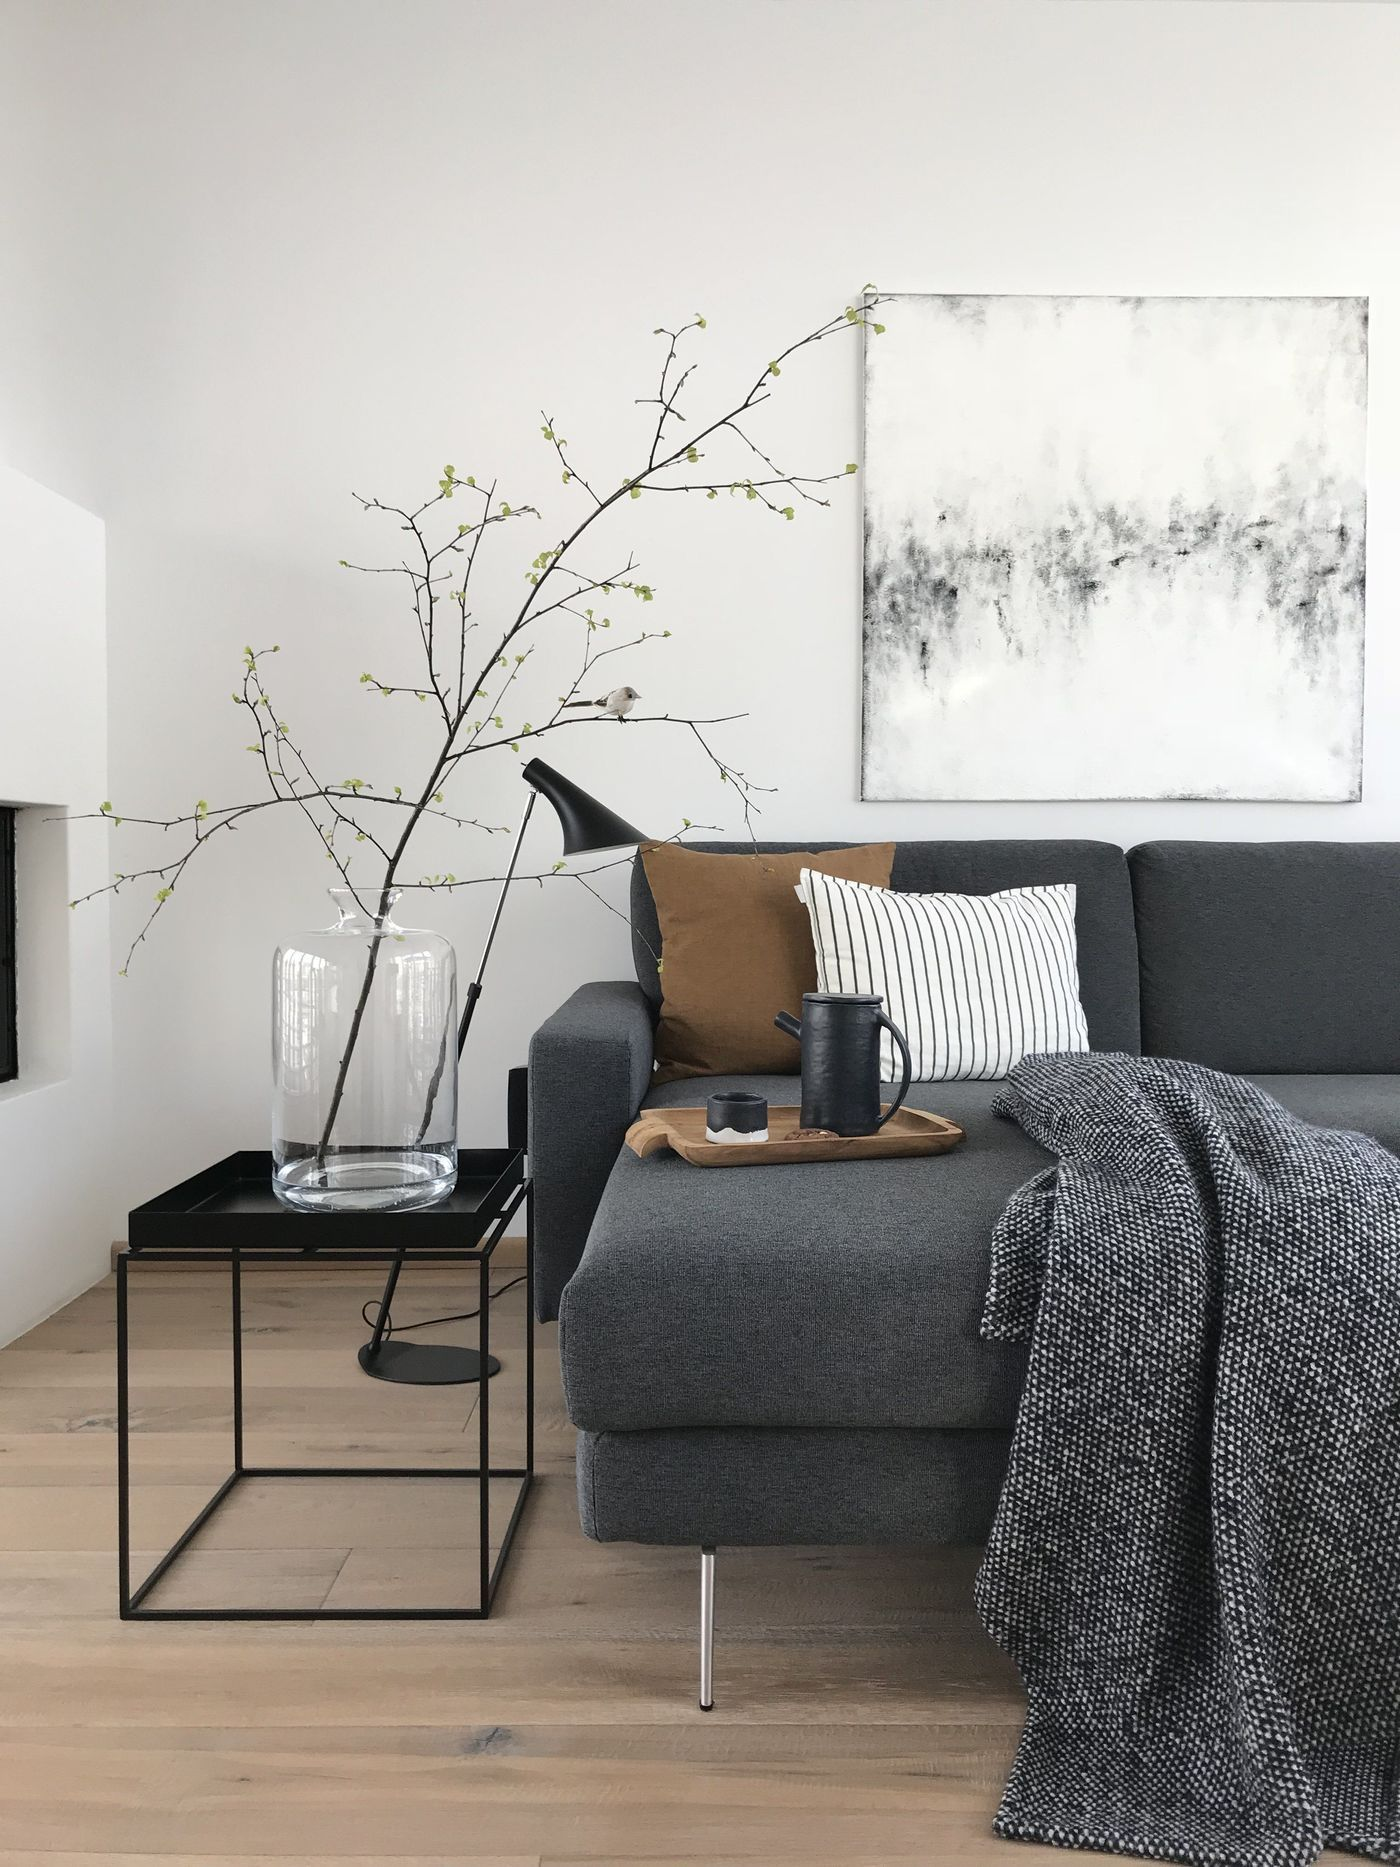 Wohnzimmer | Wohnideen | Pinterest | Wohnzimmer, Einrichtung und Wohnen